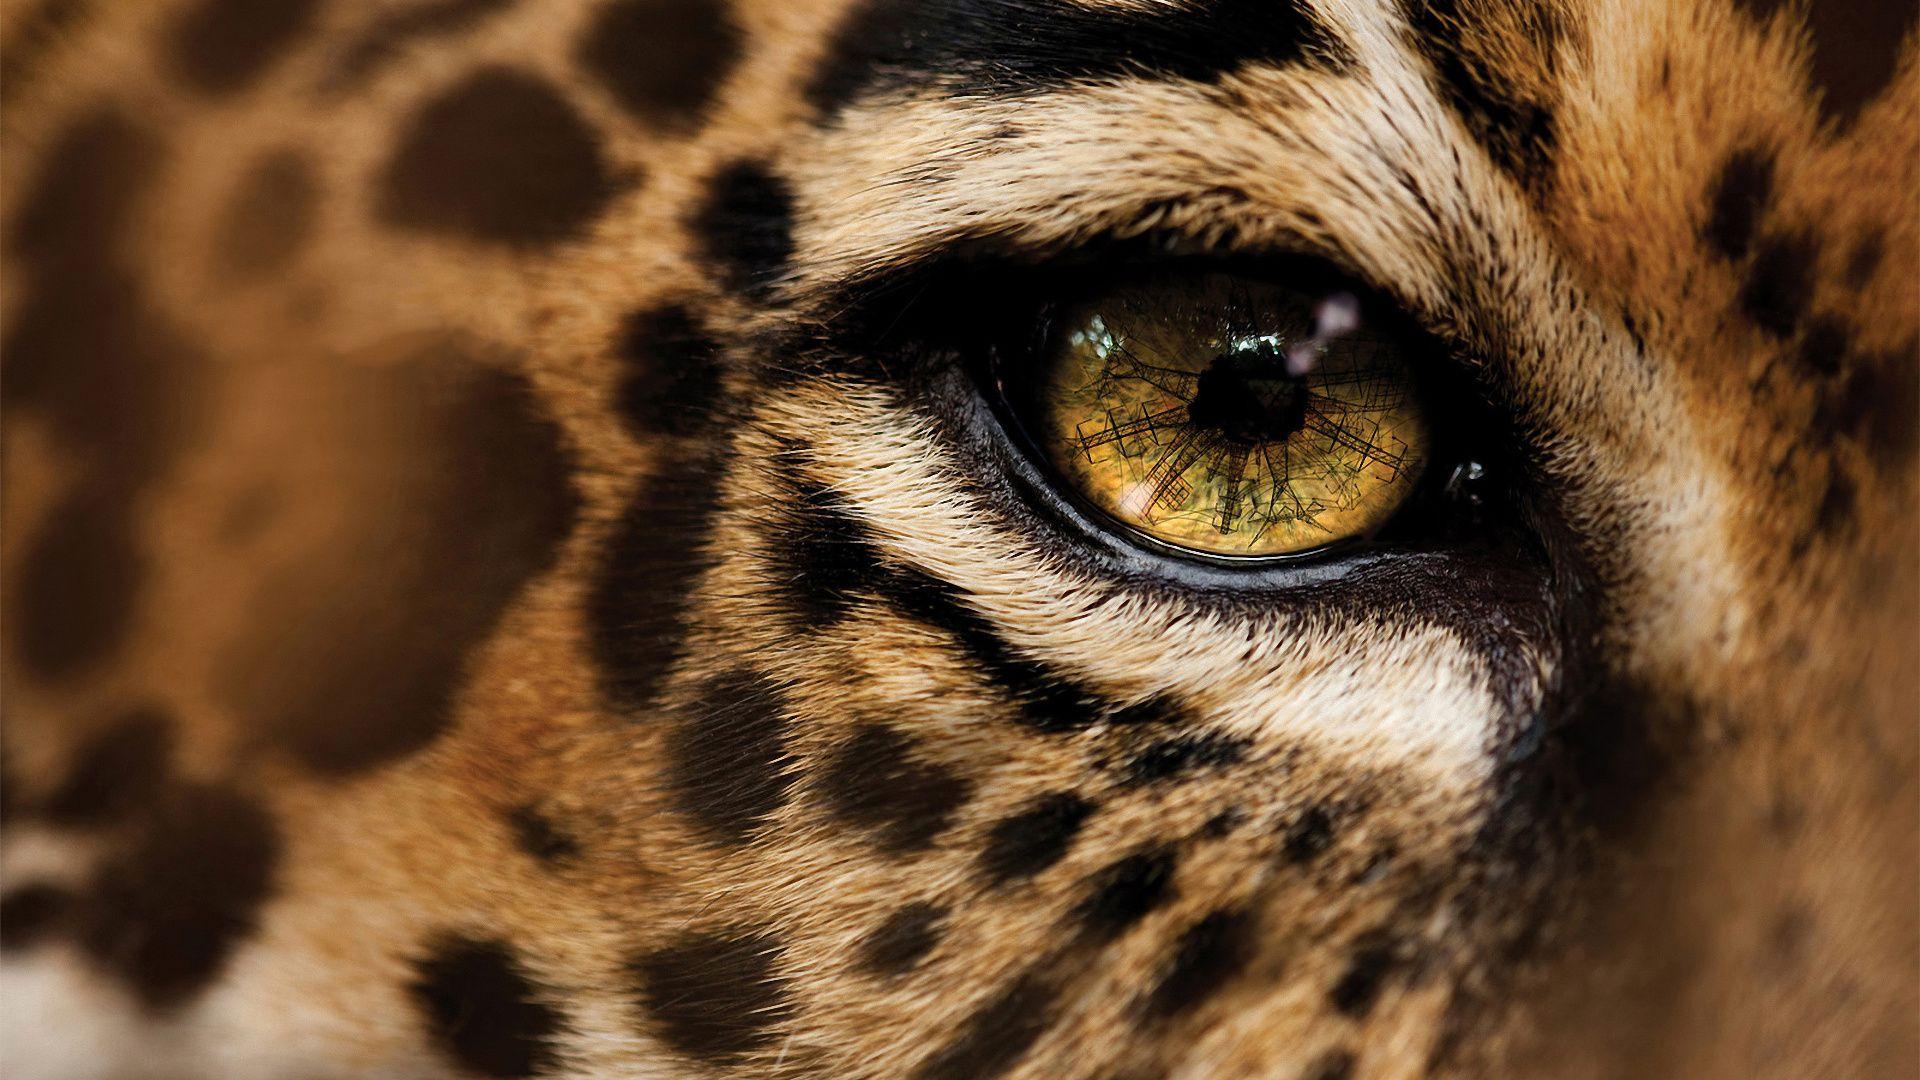 pic of cheetah